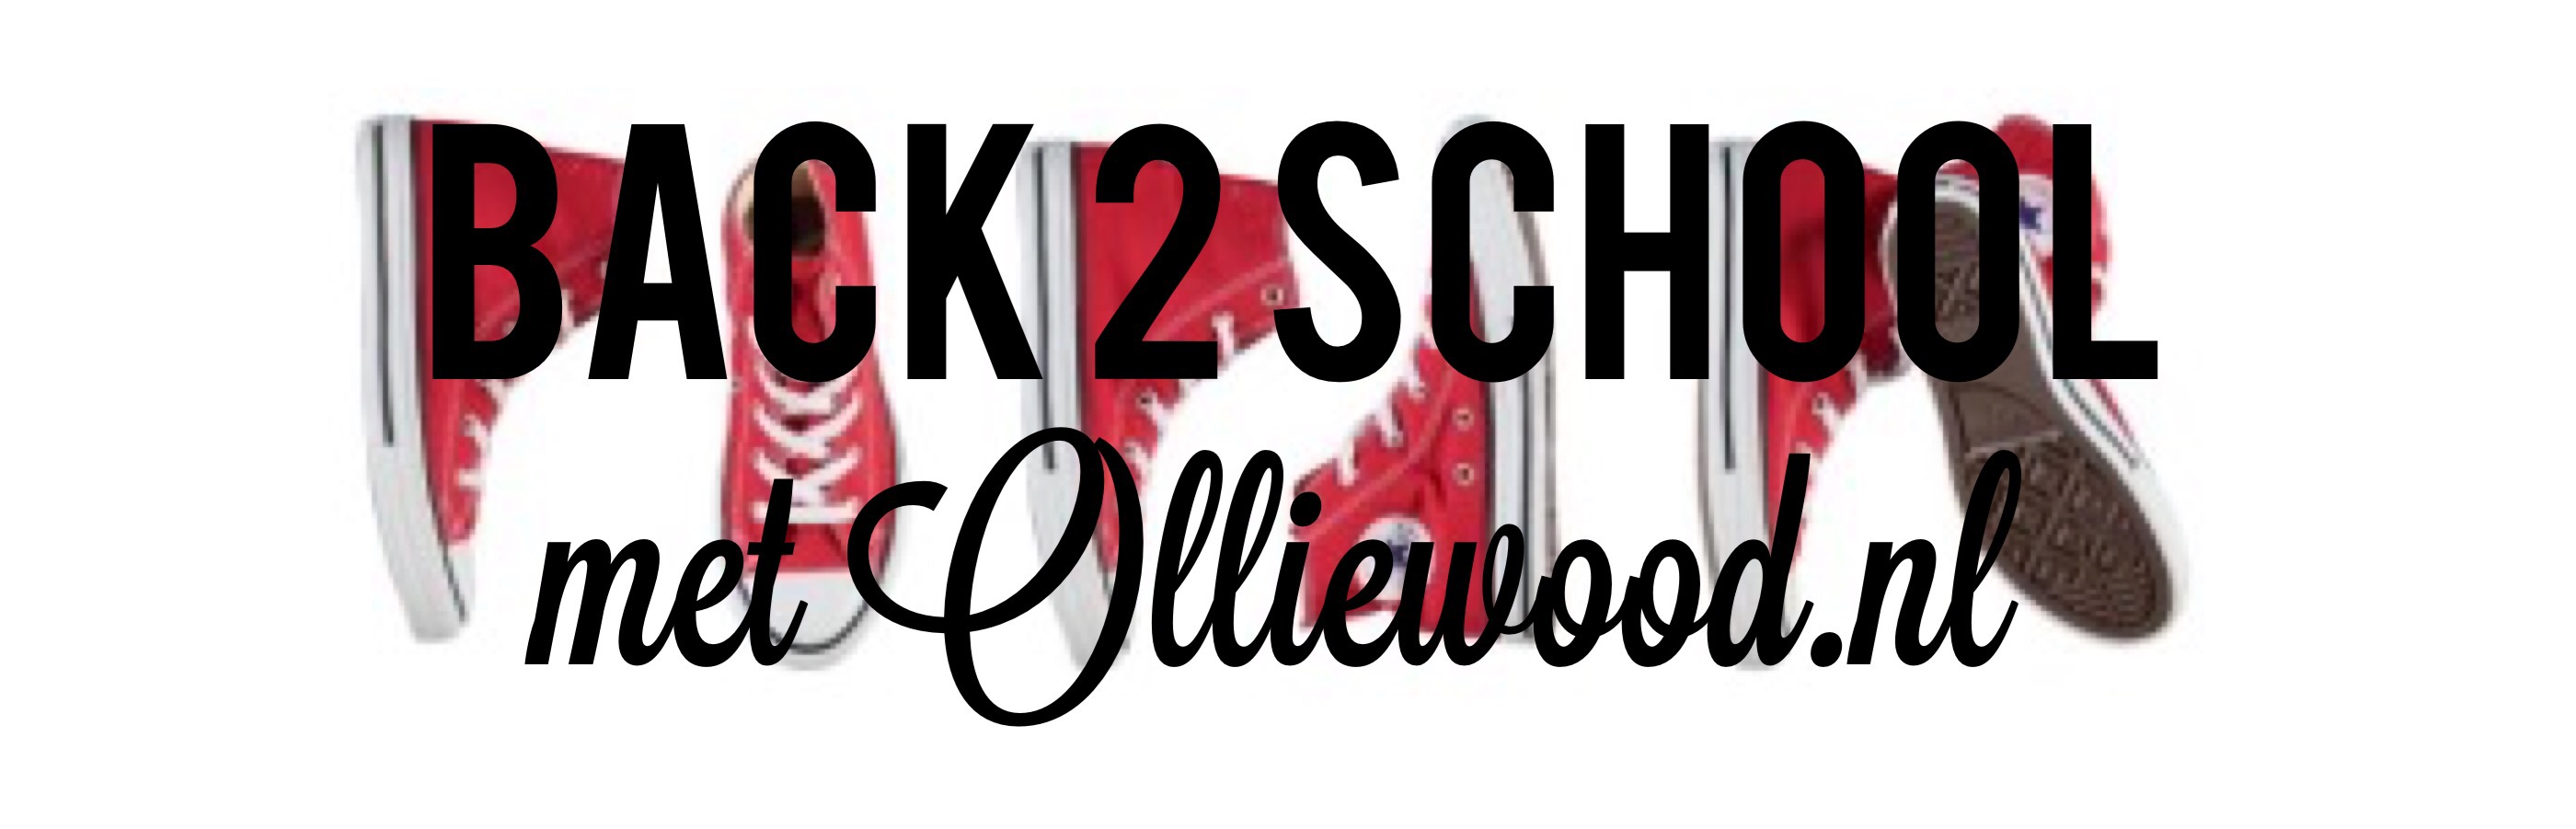 Back to school met Olliewood